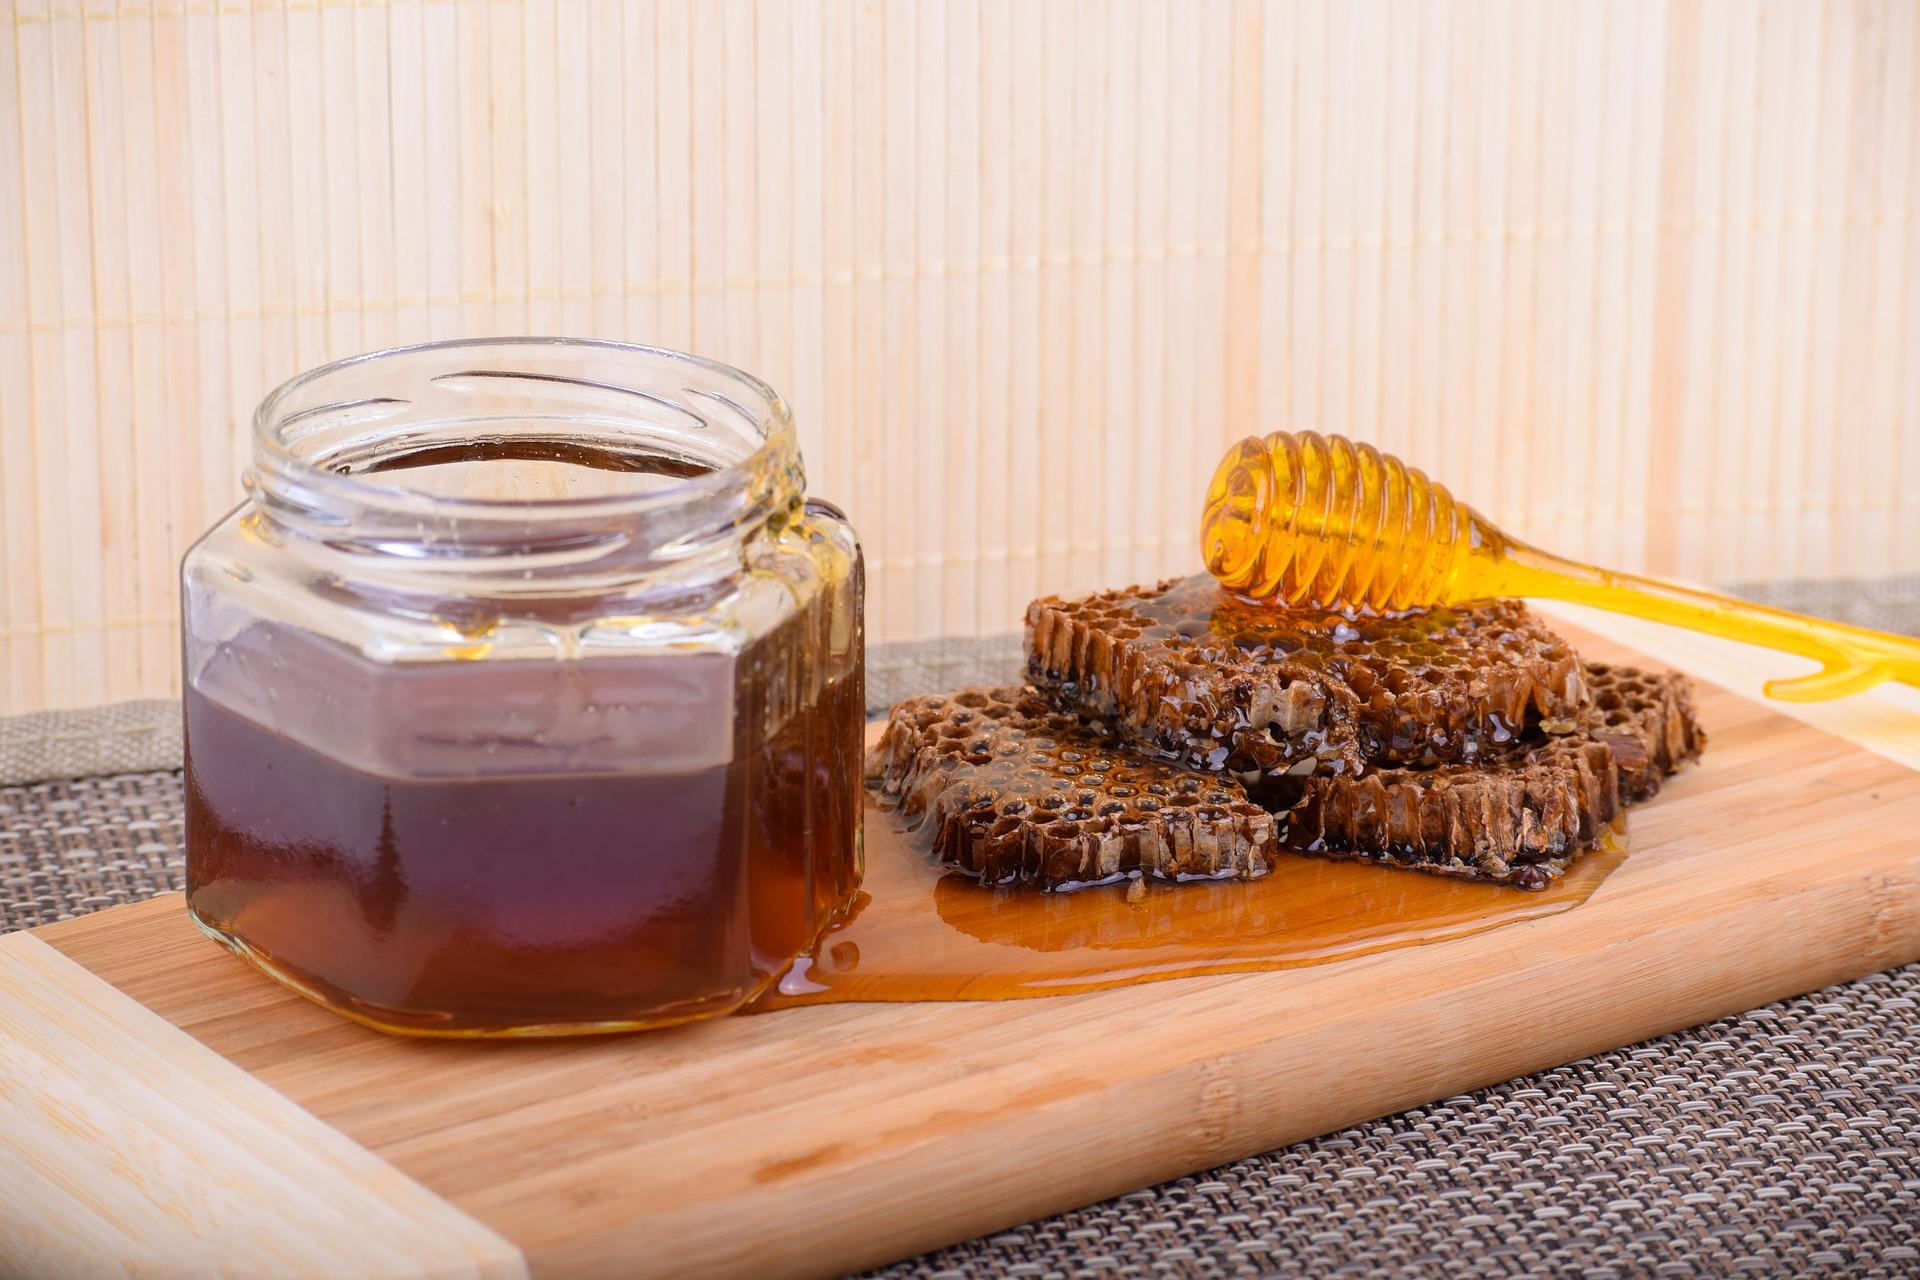 Україна продовжує залишатися лідером на світовому ринку меду